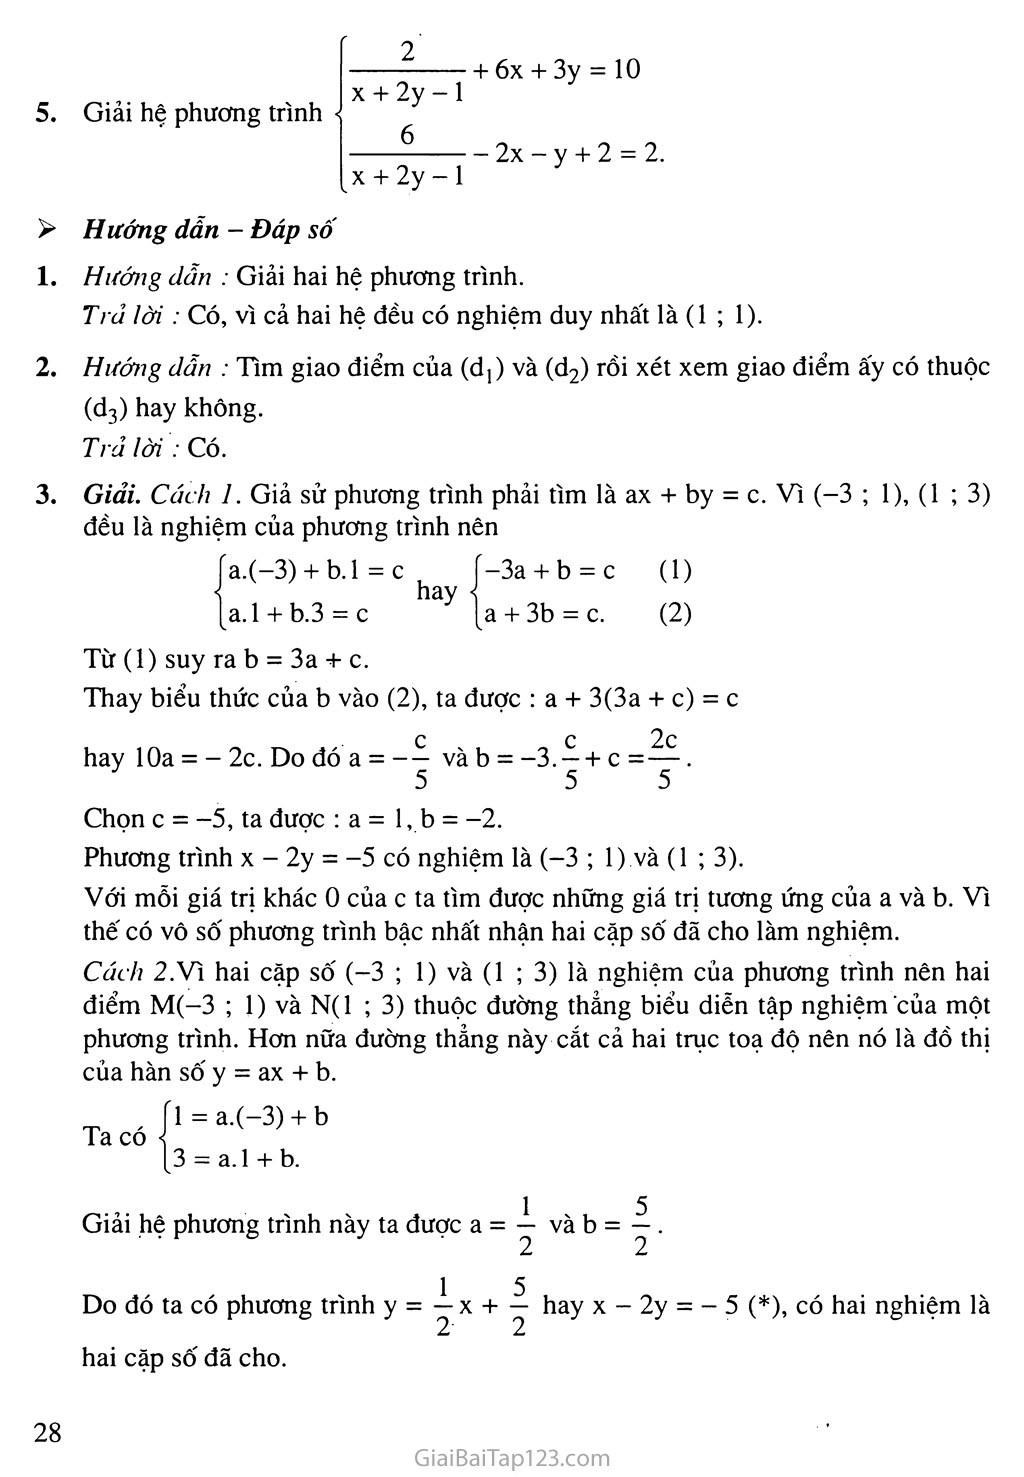 Bài 3. Giải hệ phương trình bằng phương pháp thế trang 7